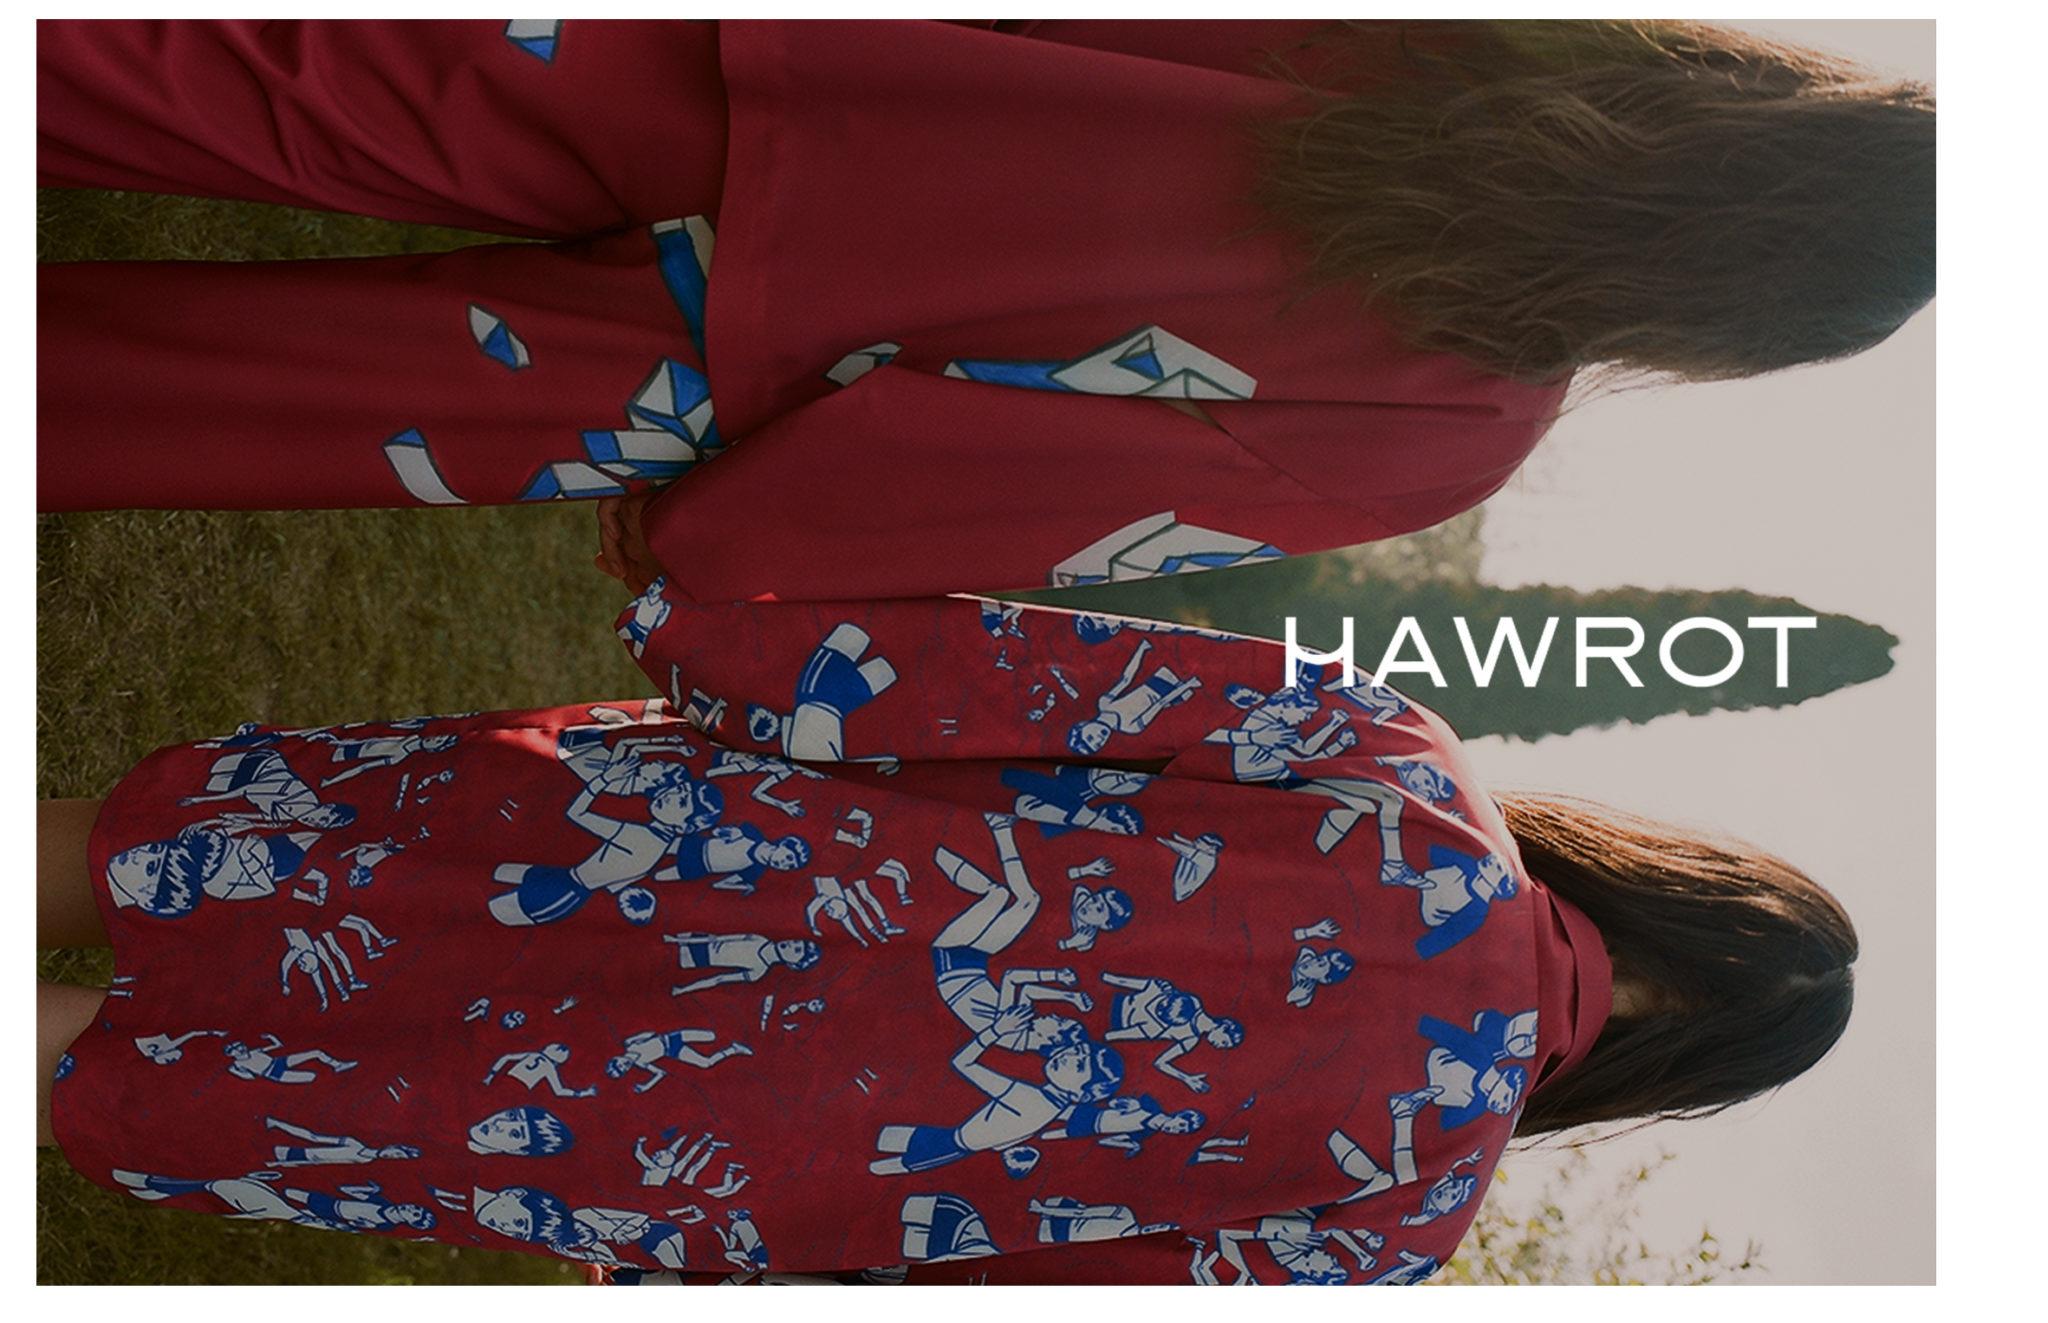 Na zdjeciu widzimy dwie dziewczyny tylem w czerwonych kimonach